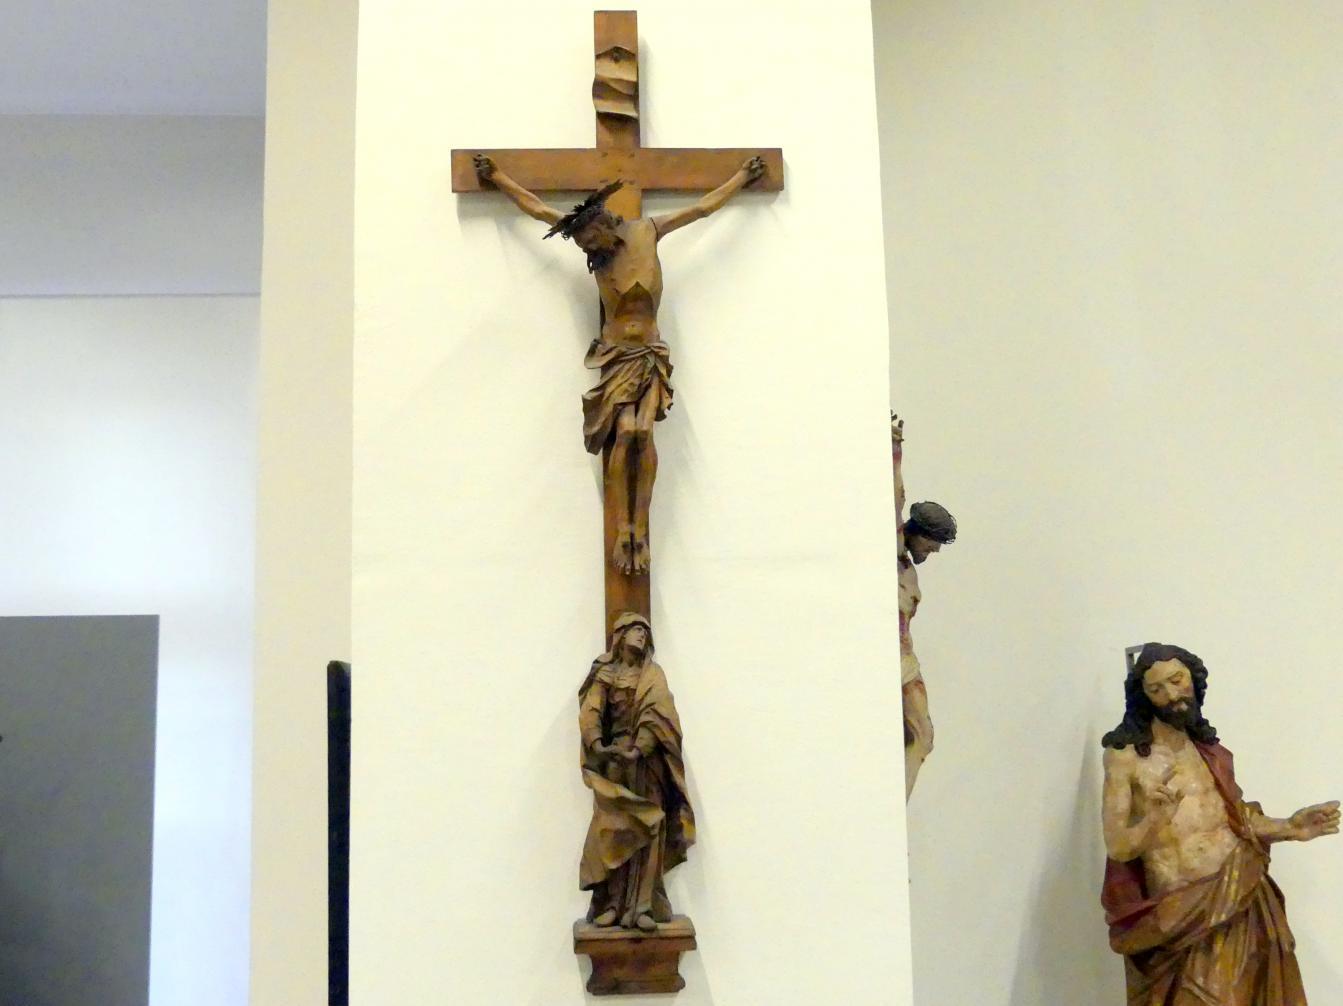 Johann Peter Schwanthaler der Ältere: Kruzifix und trauernde Maria, Undatiert